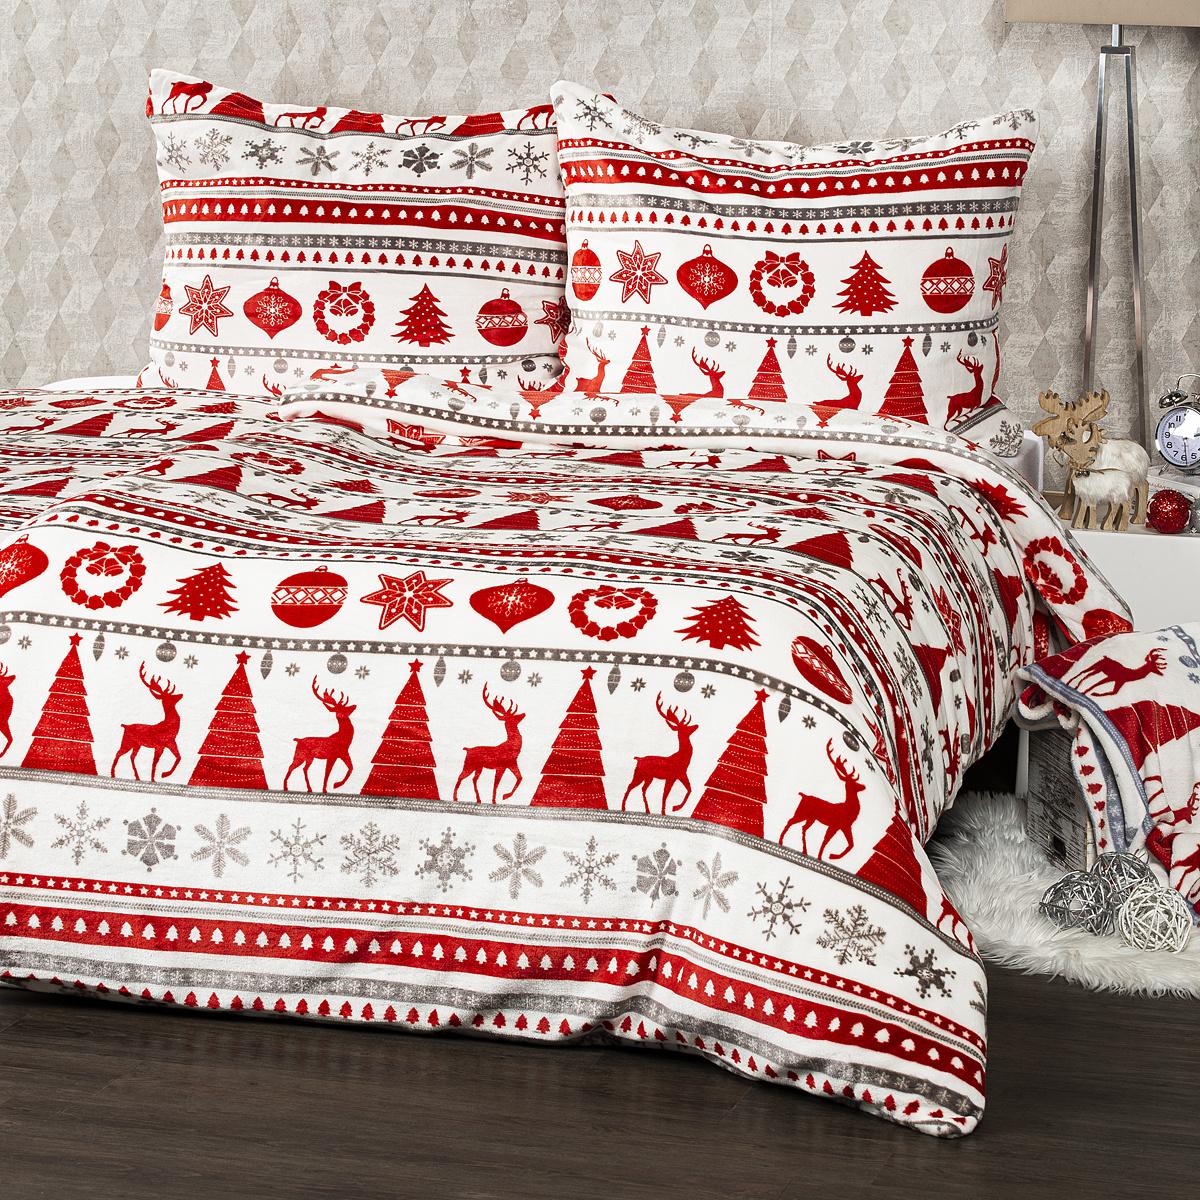 4Home povlečení mikroflanel Christmas Time červená, 160 x 200 cm, 2 ks 70 x 80 cm